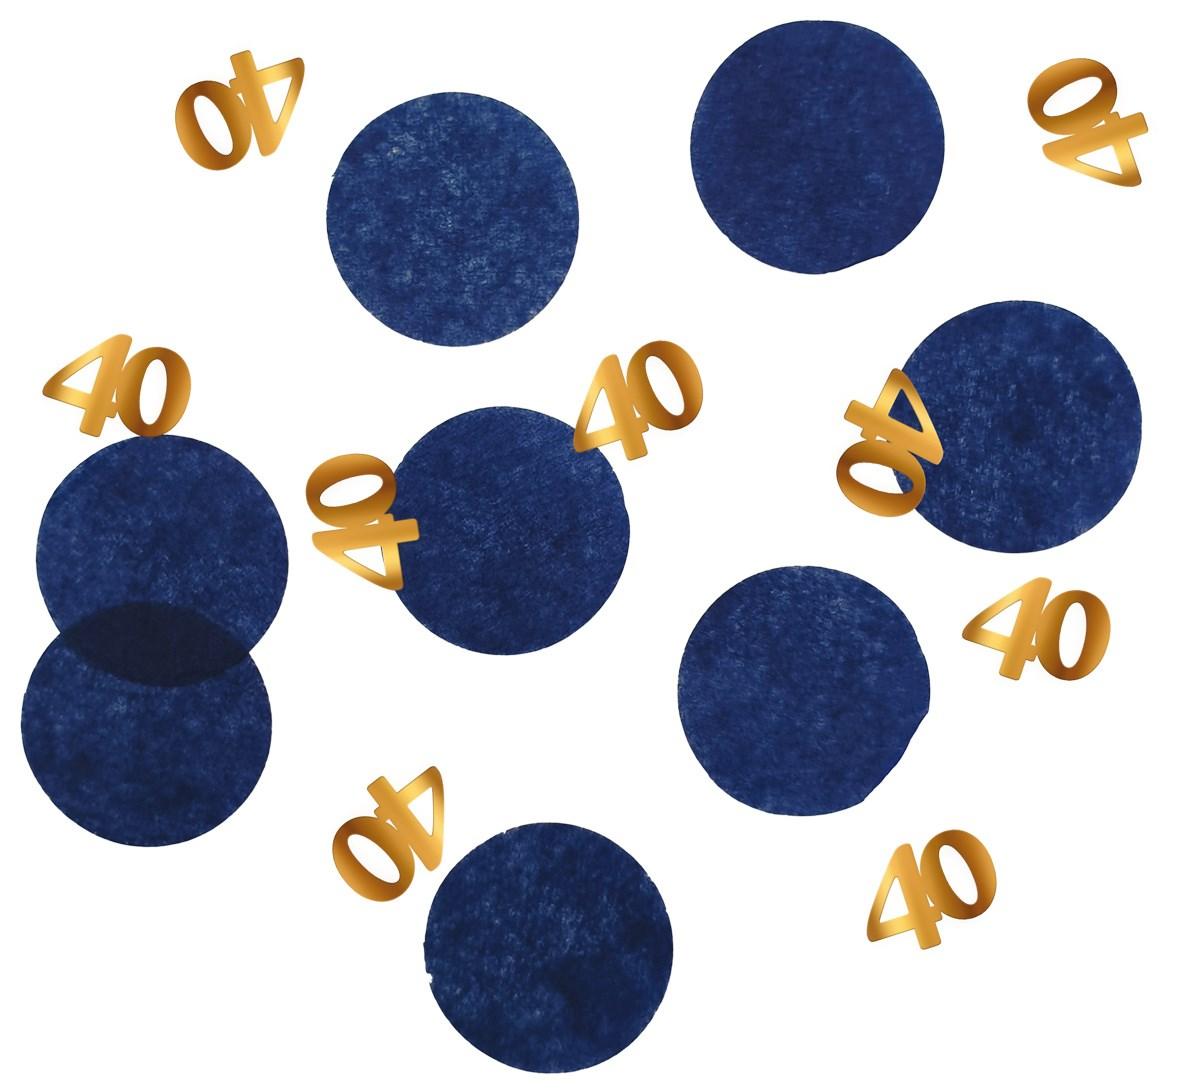 Tabledeco/confetti 40 Year Elegant True Blue 25gr 1